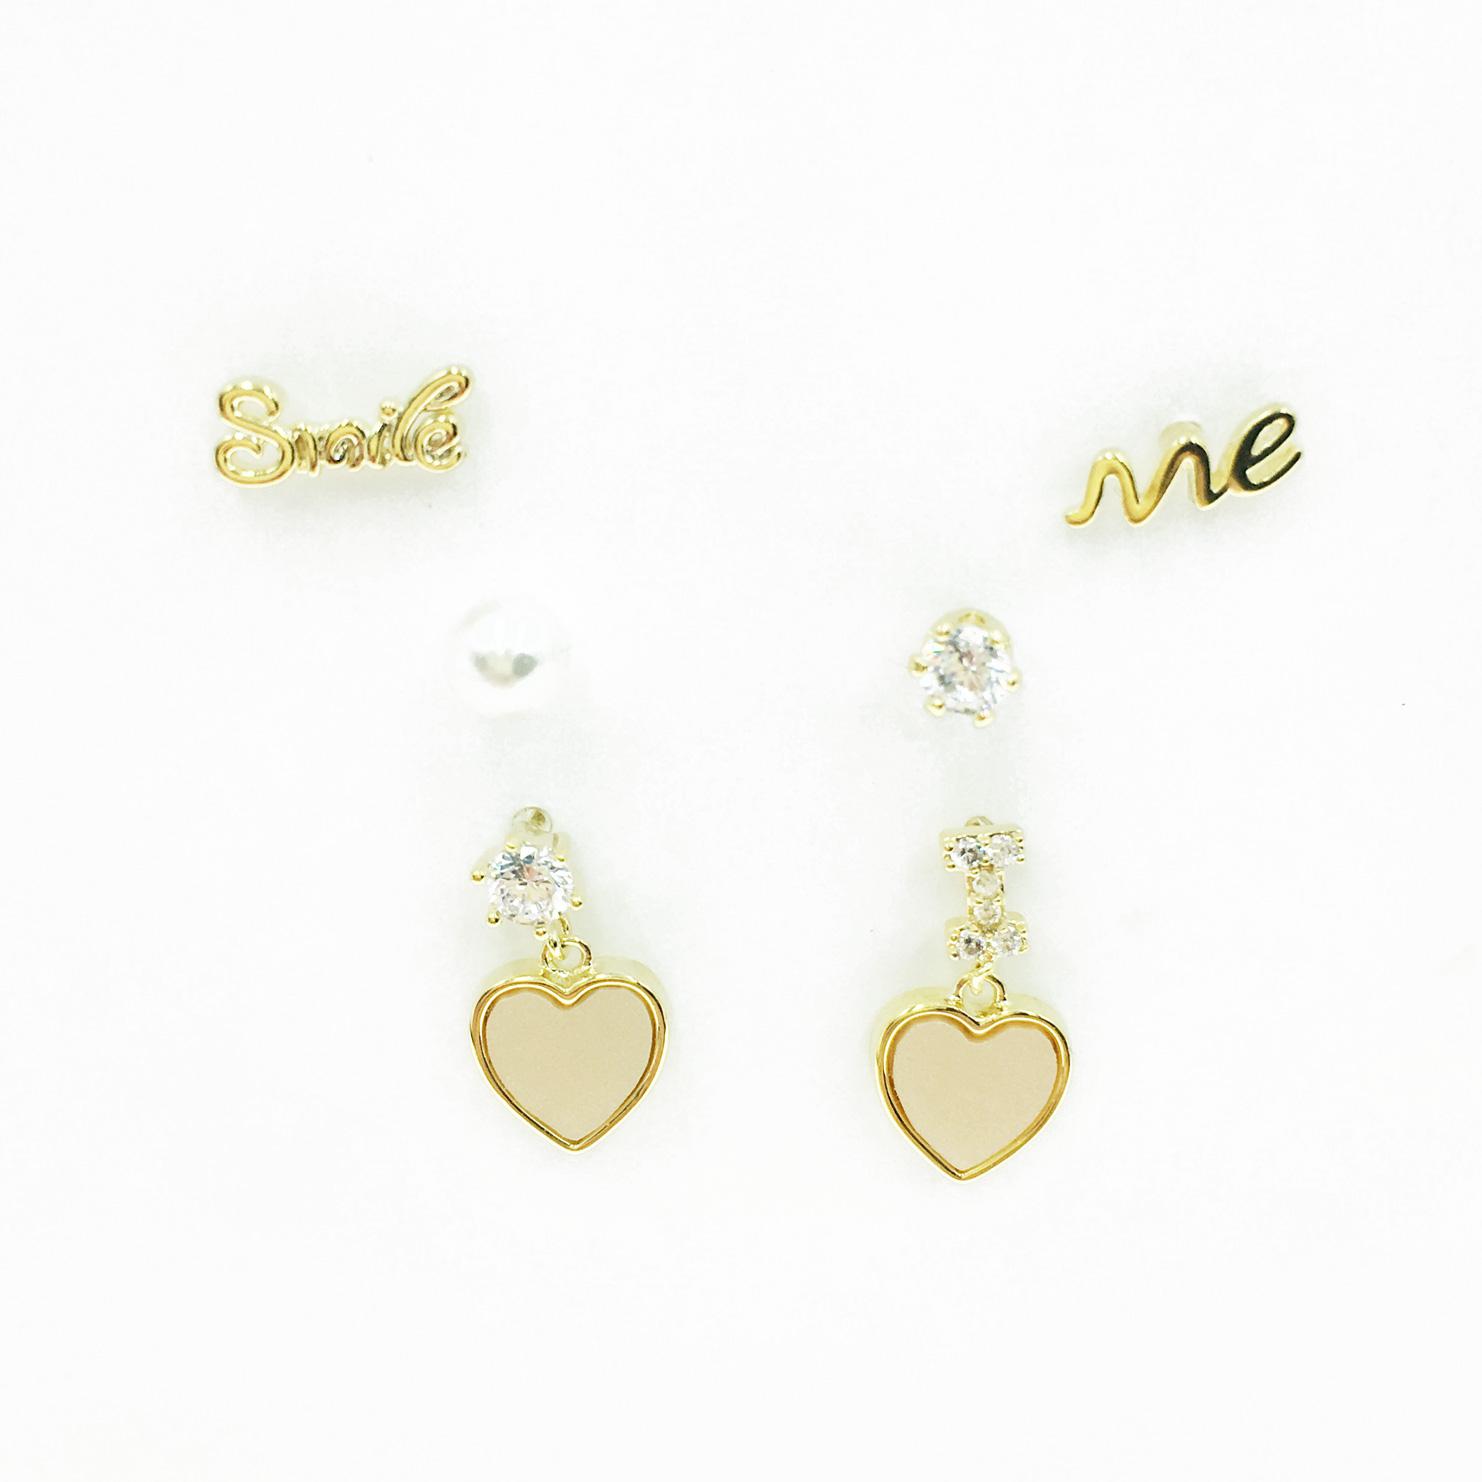 韓國 925純銀 英文字母 珍珠 水鑽 垂墜愛心 3對組 耳針式耳環